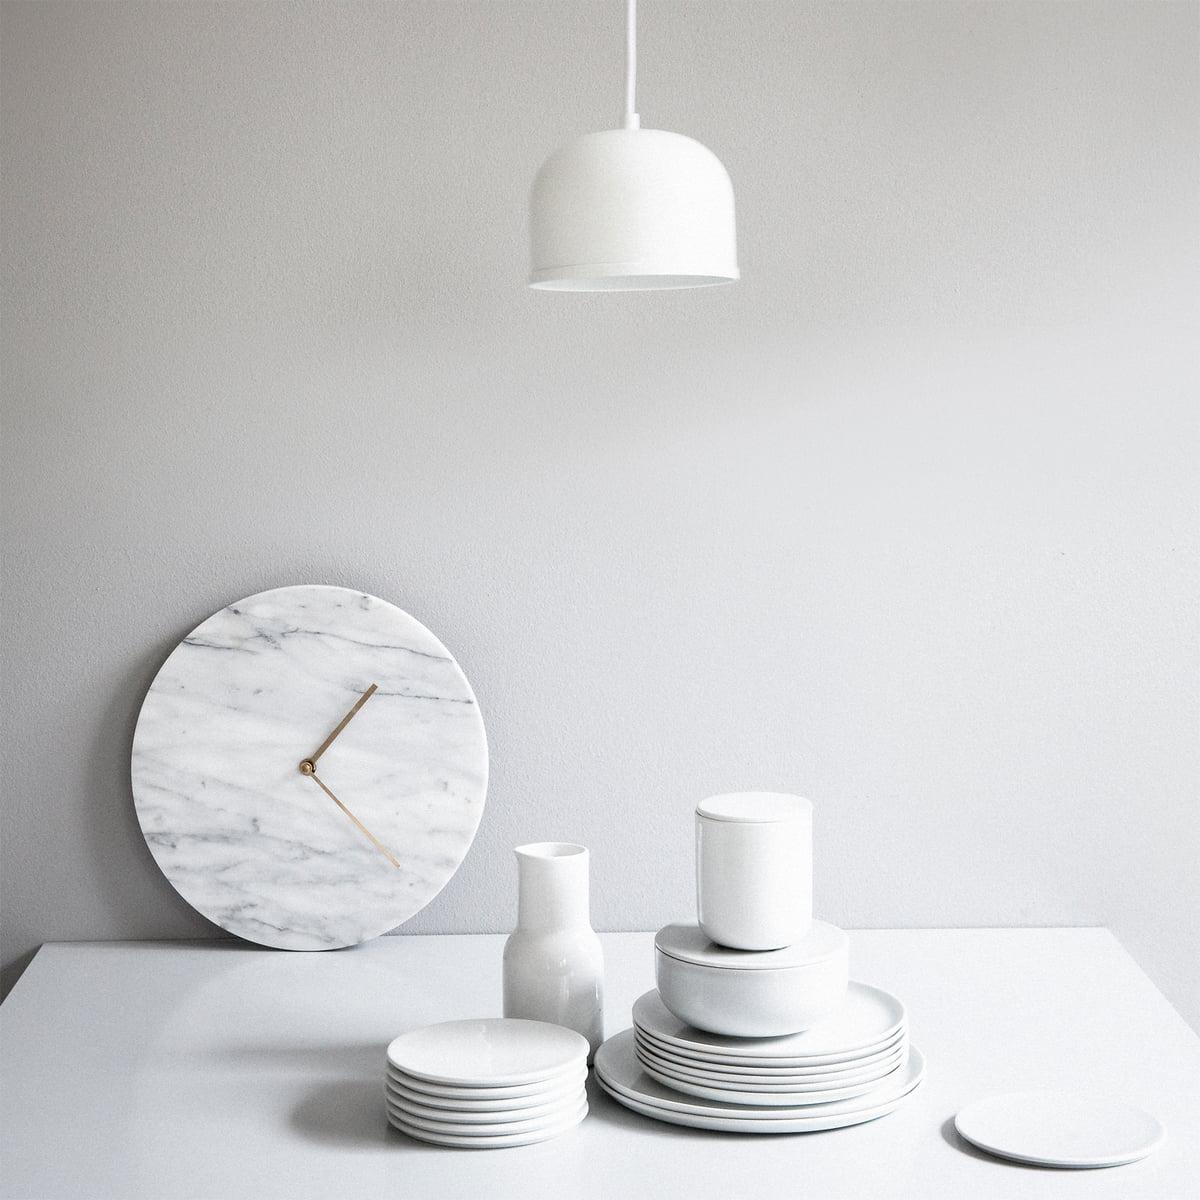 marble wanduhr von menu im wohndesign-shop - Weie Mbel Weie Wand